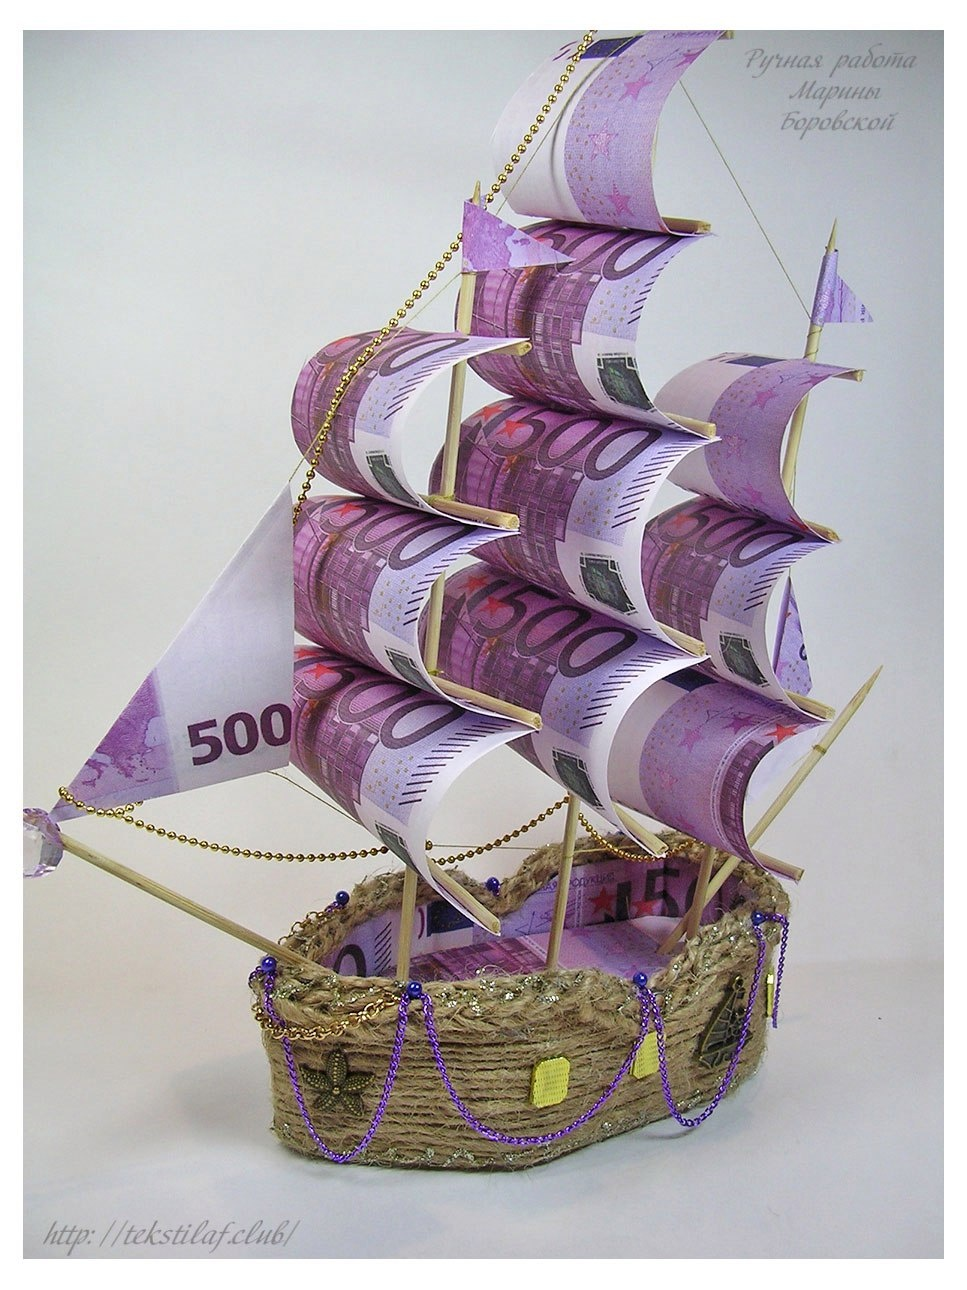 Как сделать кораблик из денег своими руками фото пошагово